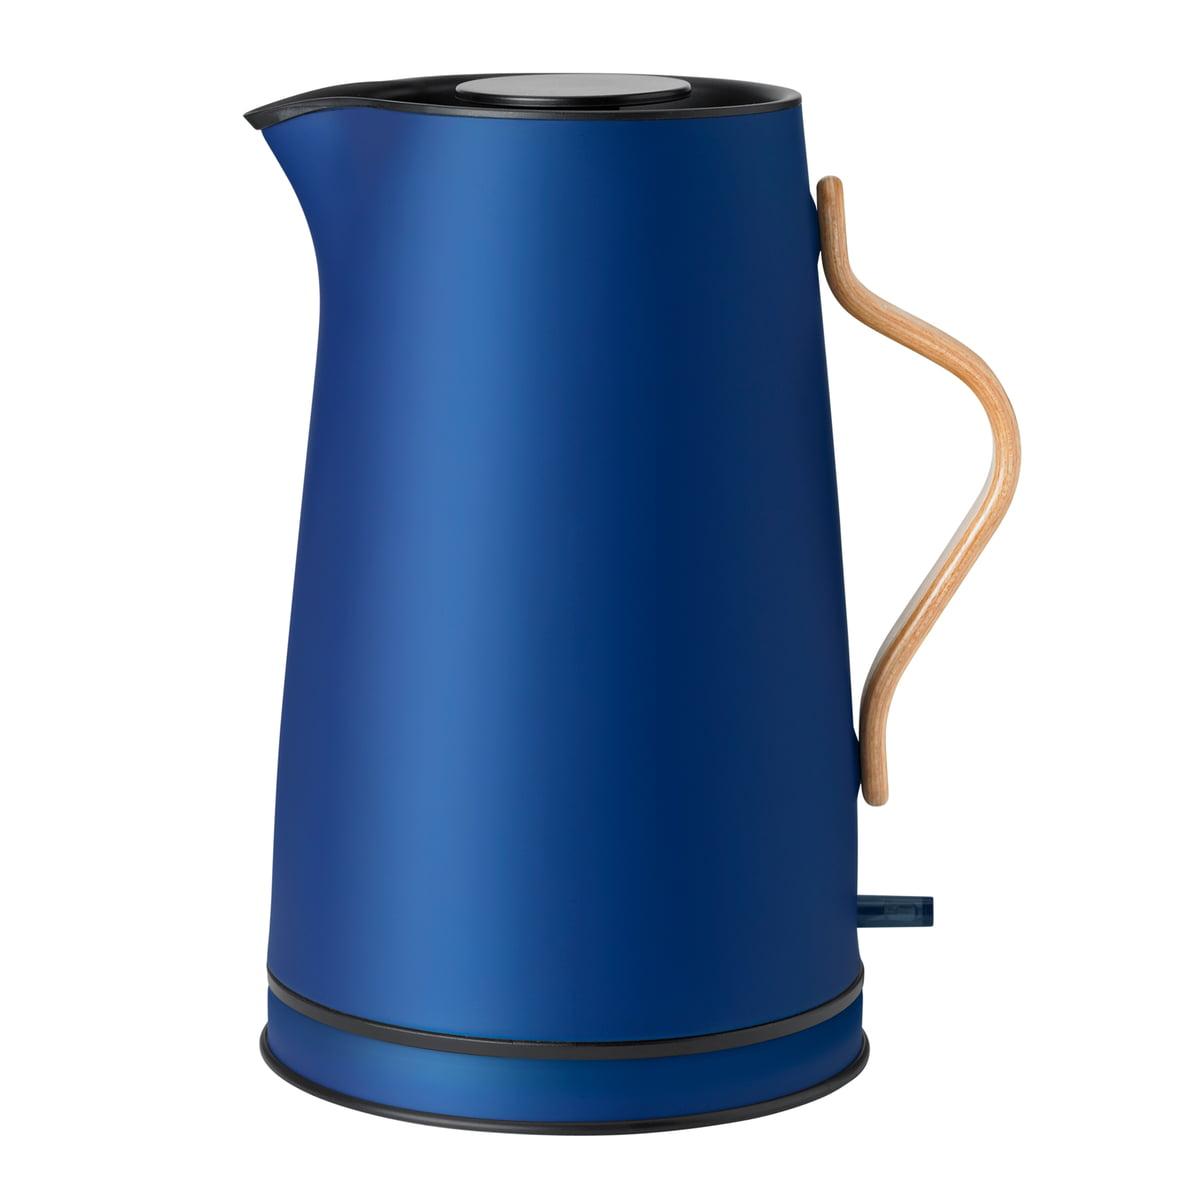 Stelton - Emma Wasserkocher 1,2 L, dunkelblau | Küche und Esszimmer > Küchengeräte > Wasserkocher | Stelton